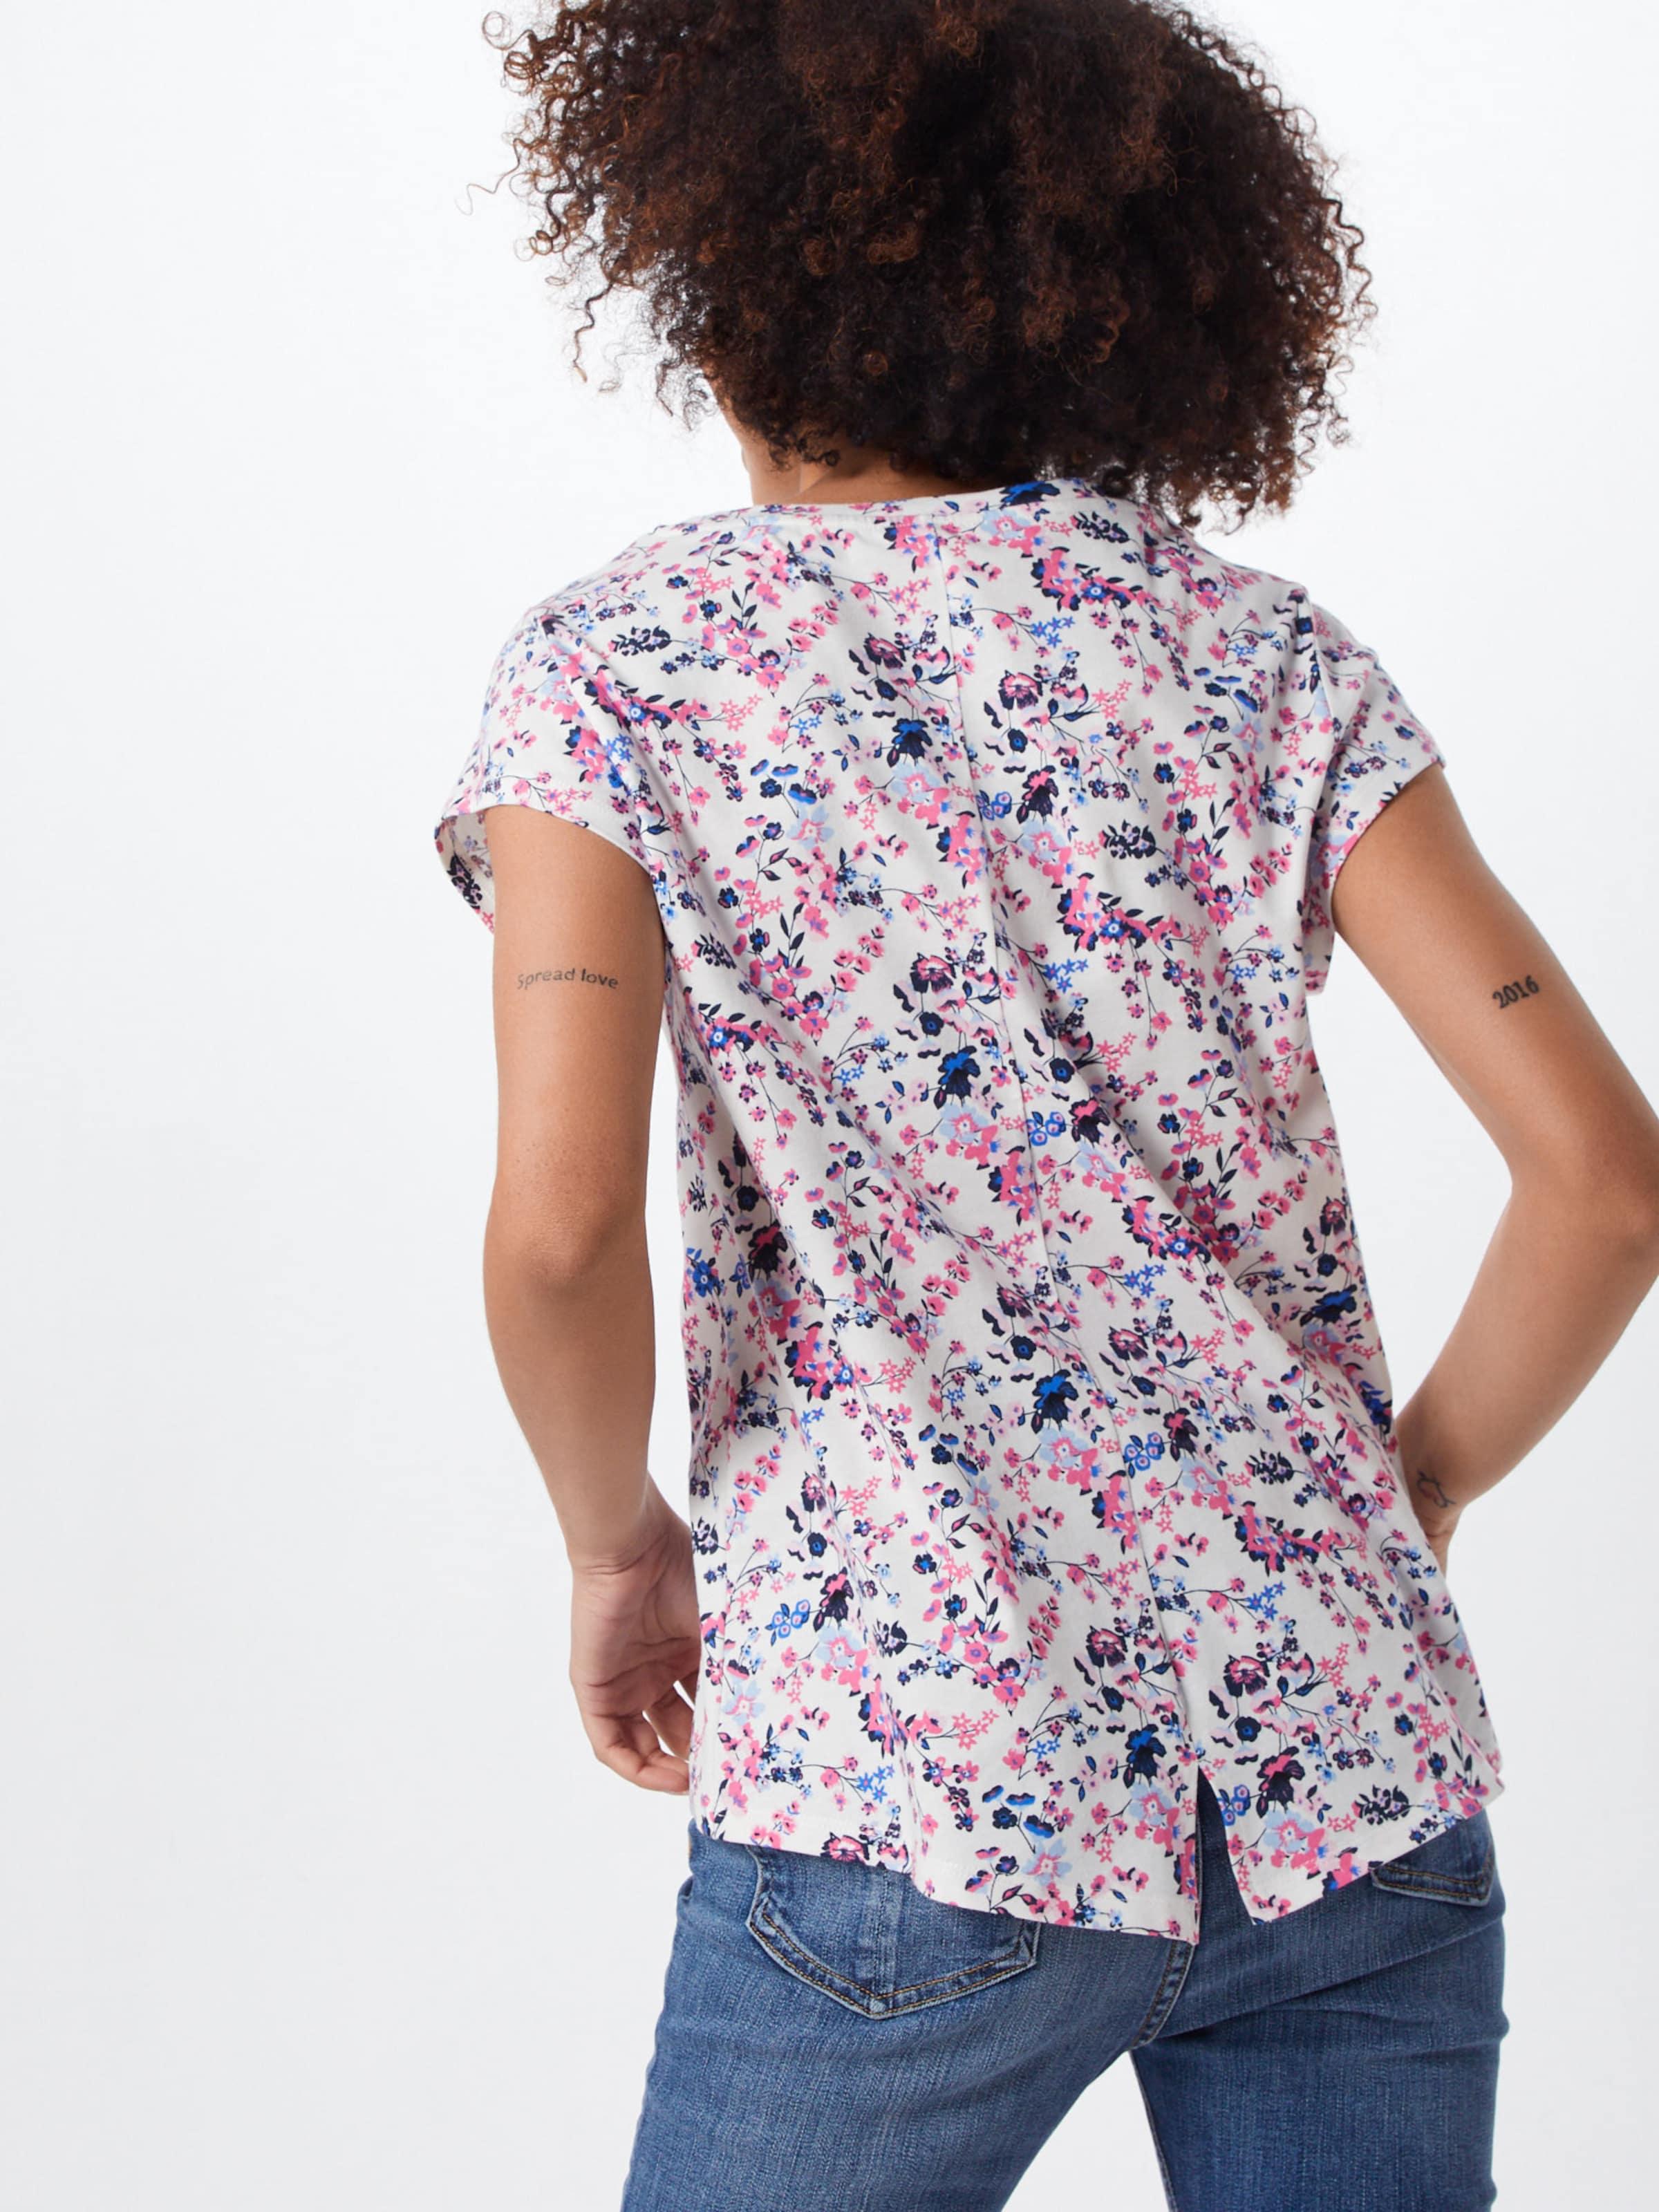 Esprit Shirt MischfarbenOffwhite In In MischfarbenOffwhite In MischfarbenOffwhite Shirt Esprit Esprit Shirt rxoeWQdCBE